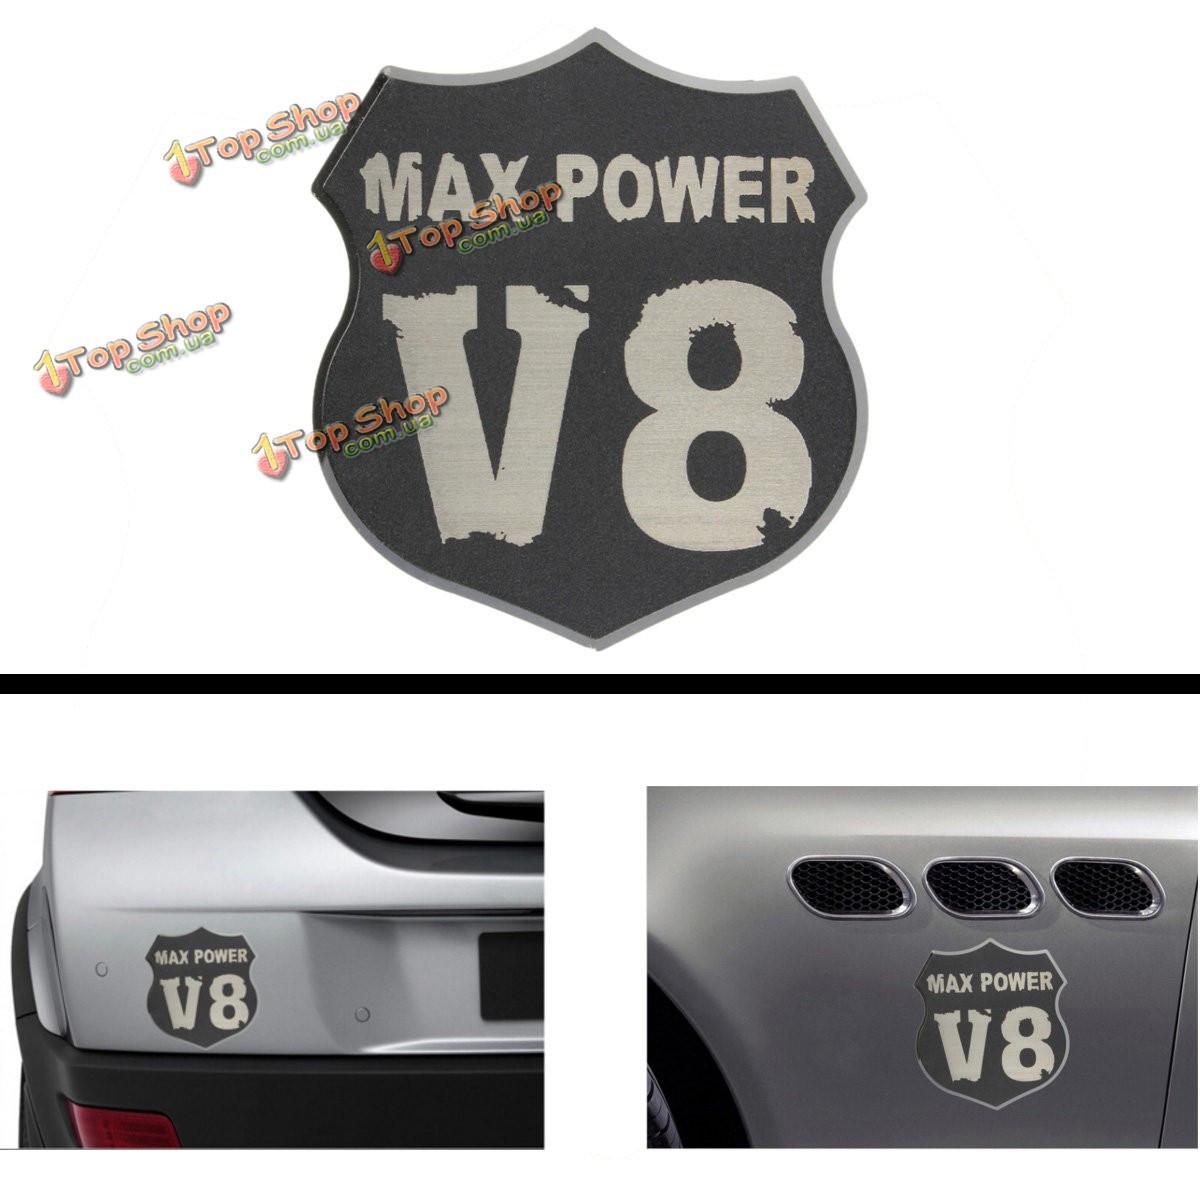 3D автомобиля металла V8 максимальная мощность эмблема переводная картинка эмблема наклейка значок грузовик авто двигатель - ➊TopShop ➠ Товары из Китая с бесплатной доставкой в Украину! в Киеве